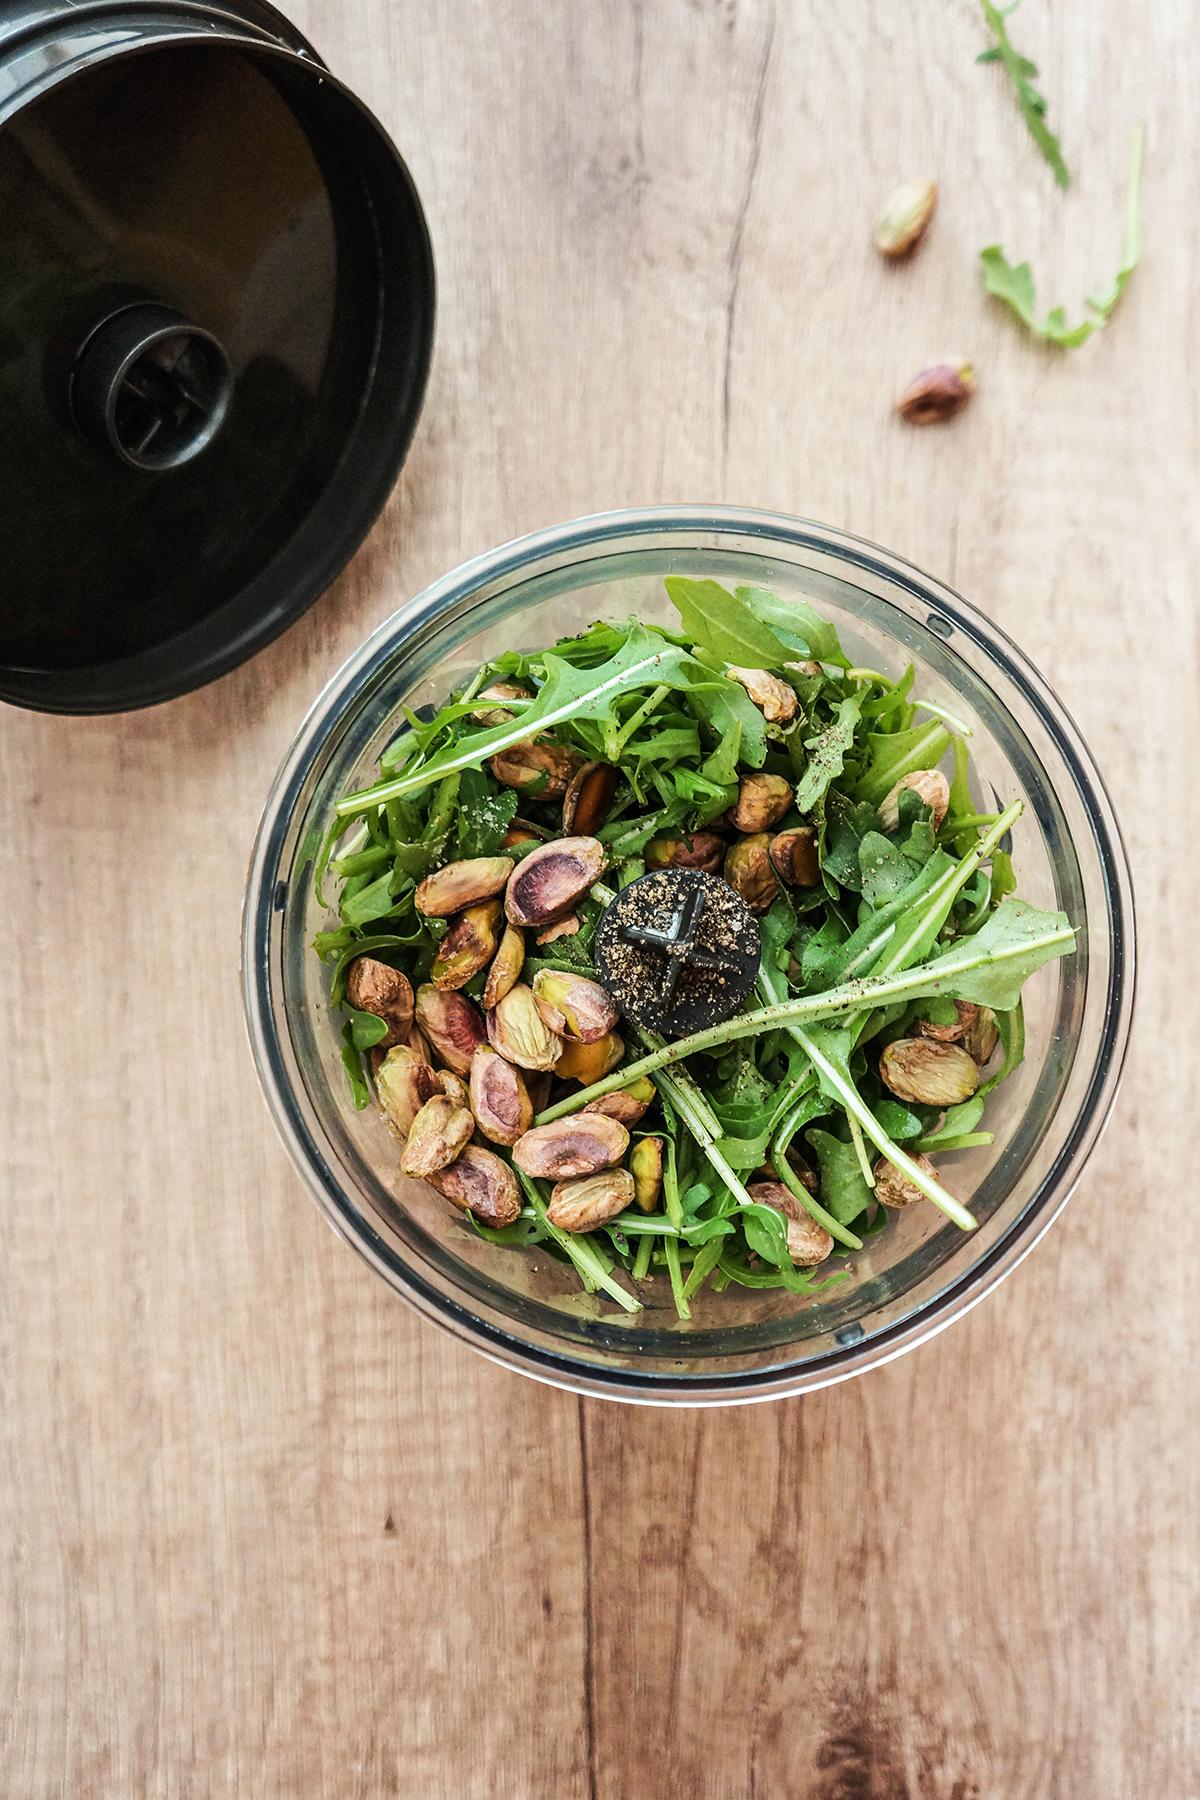 Zelenjavna pica s rukolinim pestom, gobami in češnjevci